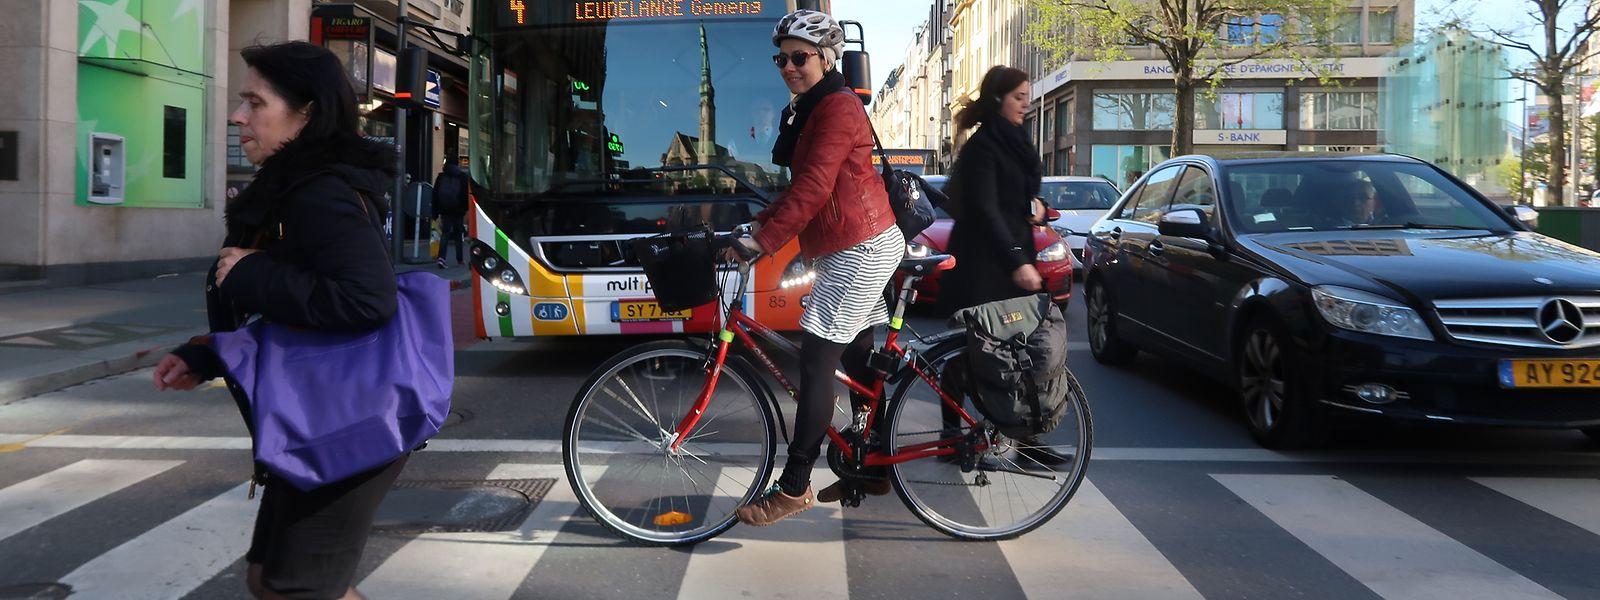 Claudia: «Dans l'avenue de la Liberté, j'emprunte la voie réservée aux voitures et non la piste cyclable comme cela ils ne peuvent pas me descendre avec leurs rétroviseurs».